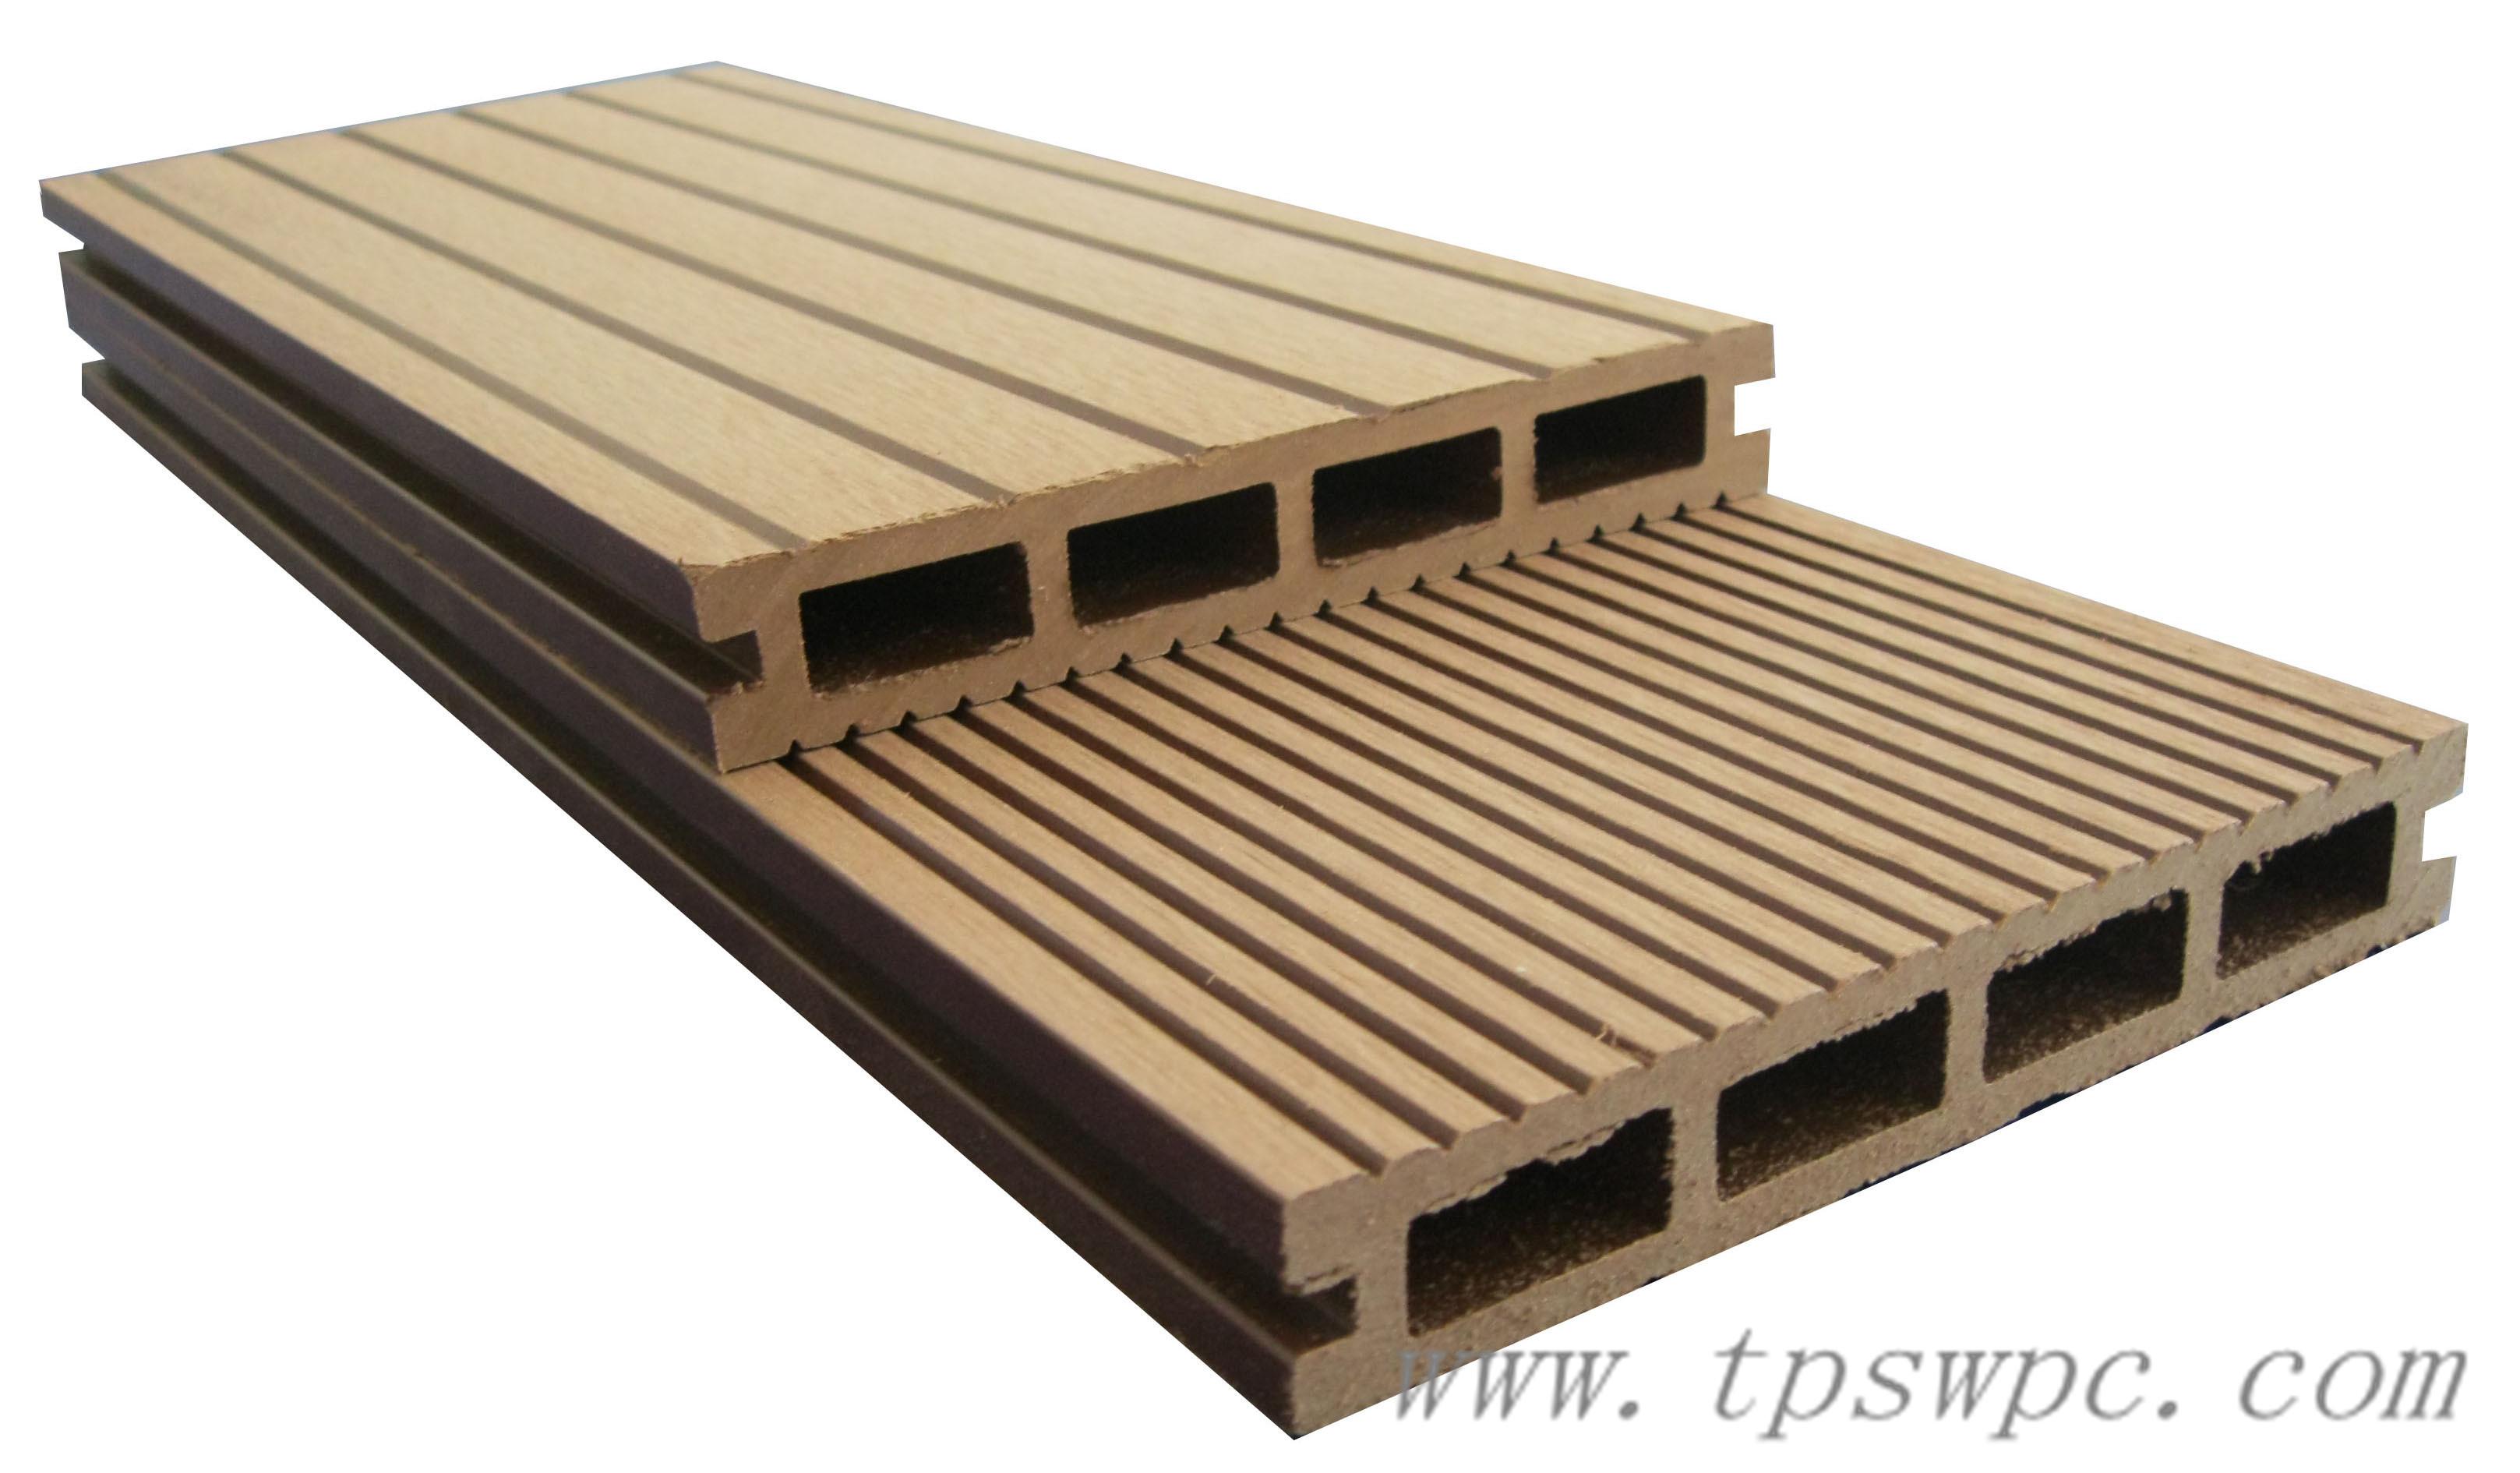 木塑地板|生态木吊顶|深圳木塑地板,生态木吊顶生产|.